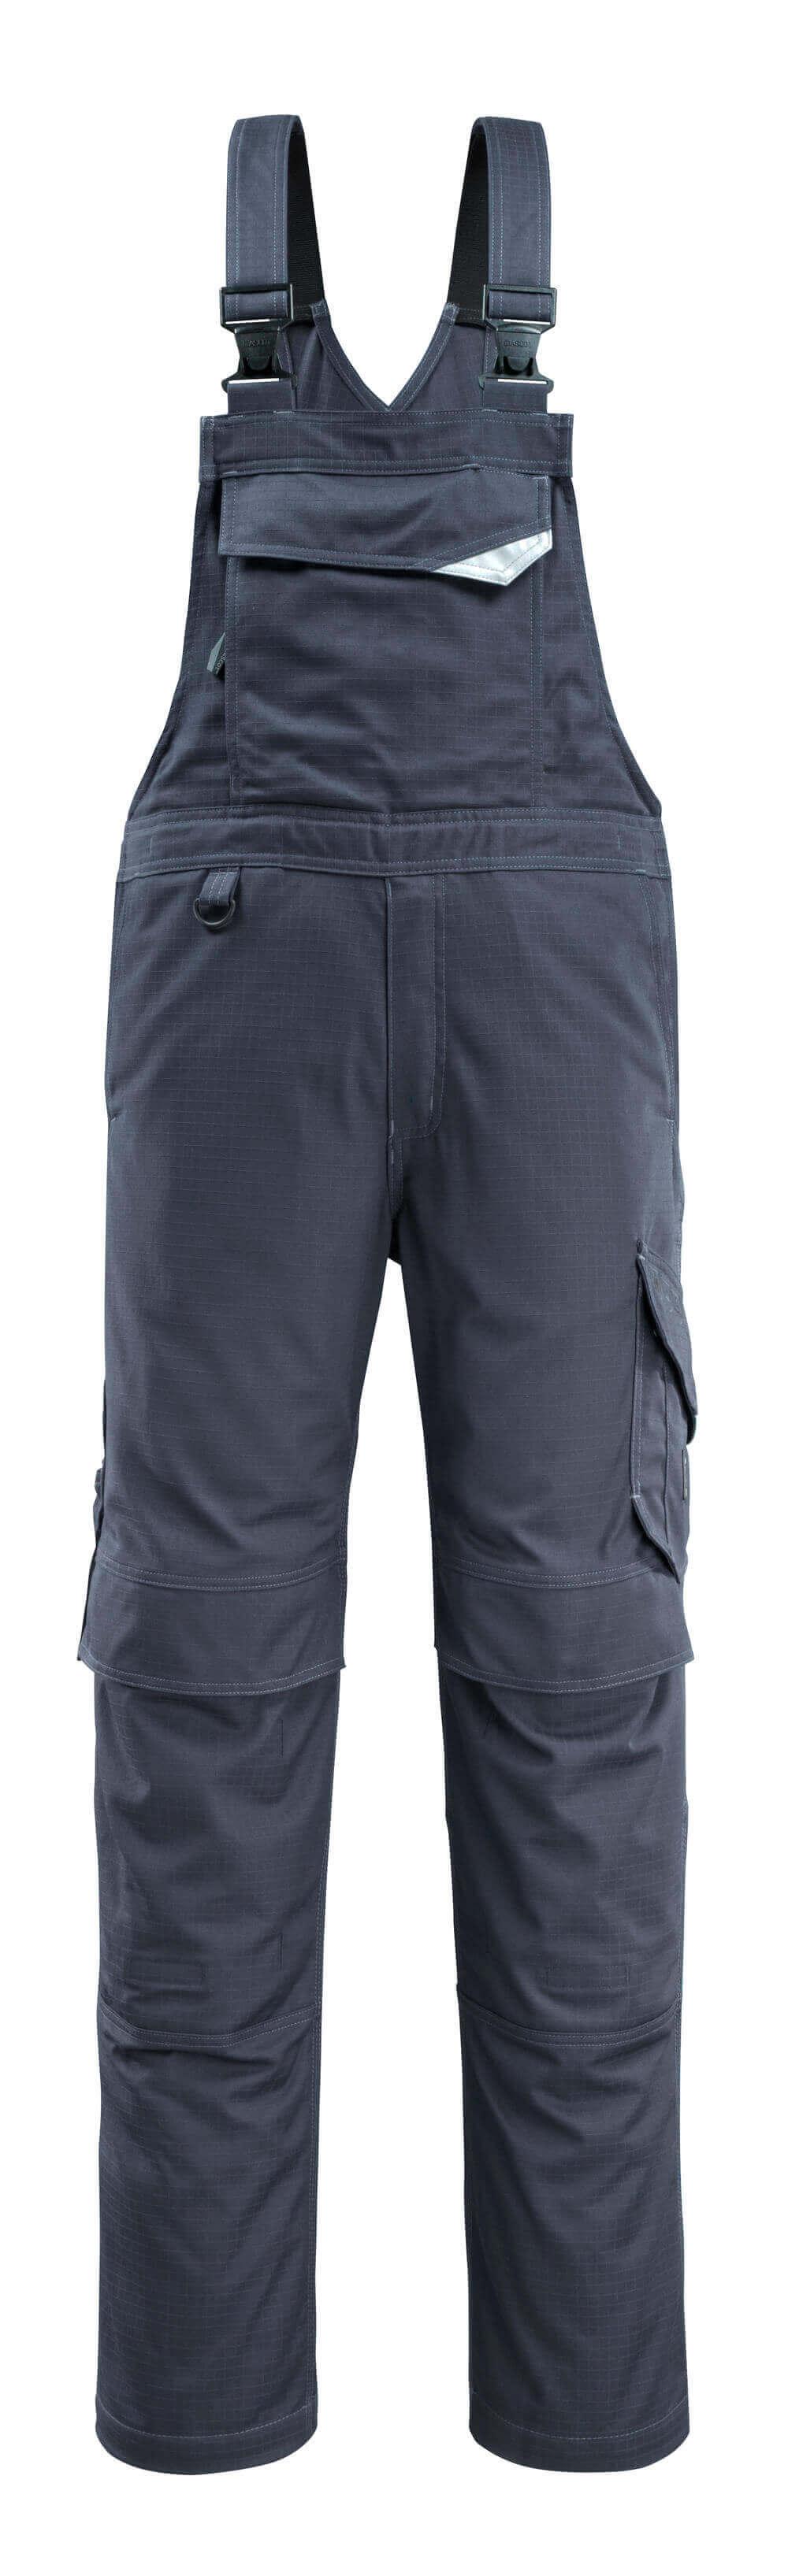 13669-216-010 Peto con bolsillos para rodilleras - azul marino oscuro